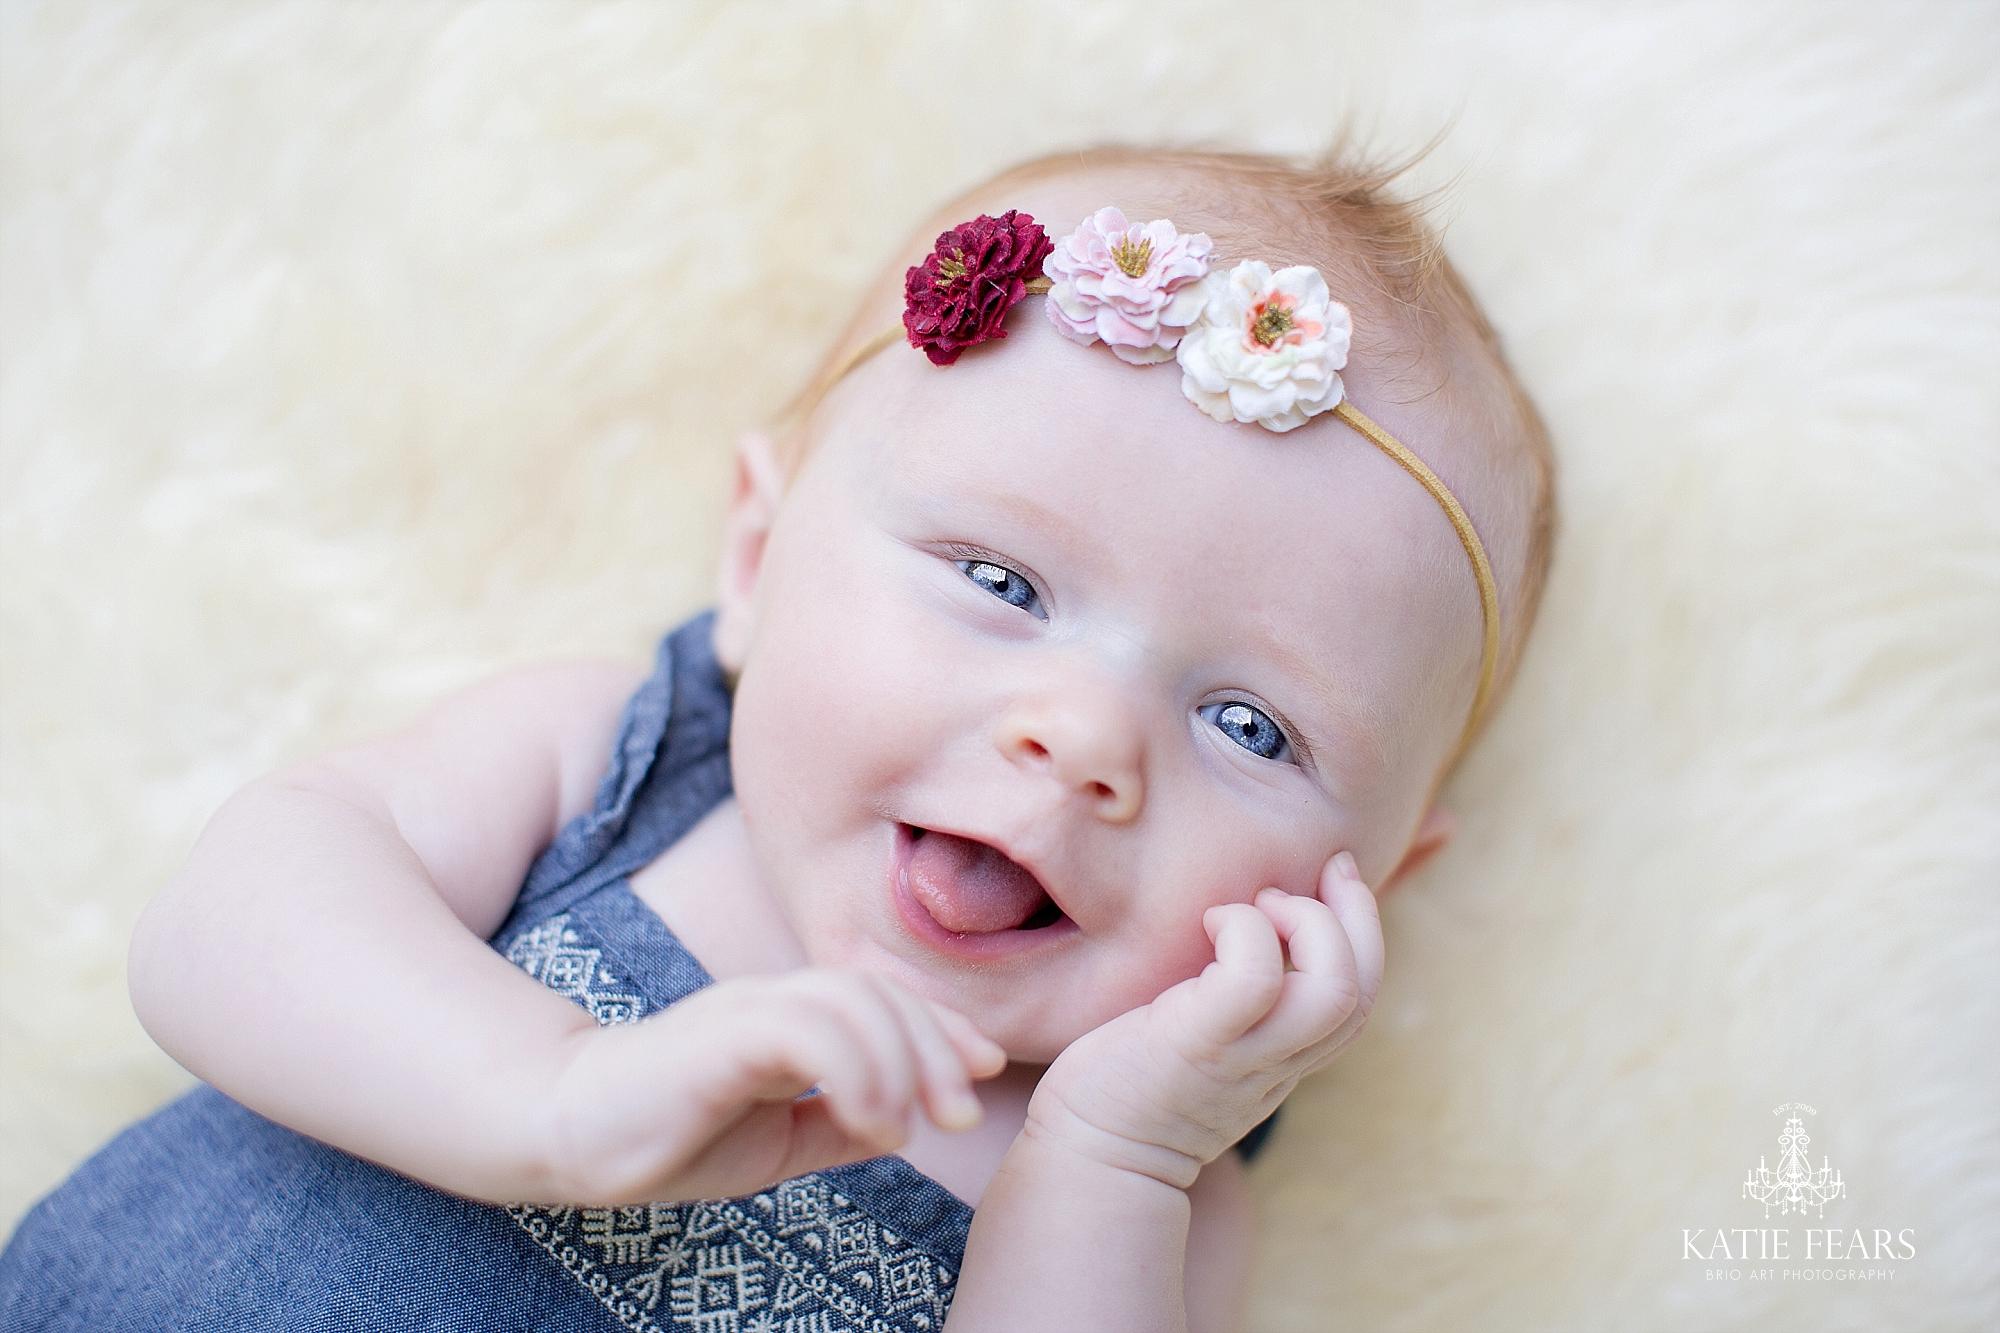 BrioArt-Katelyn 3 months-001_WEB.jpg